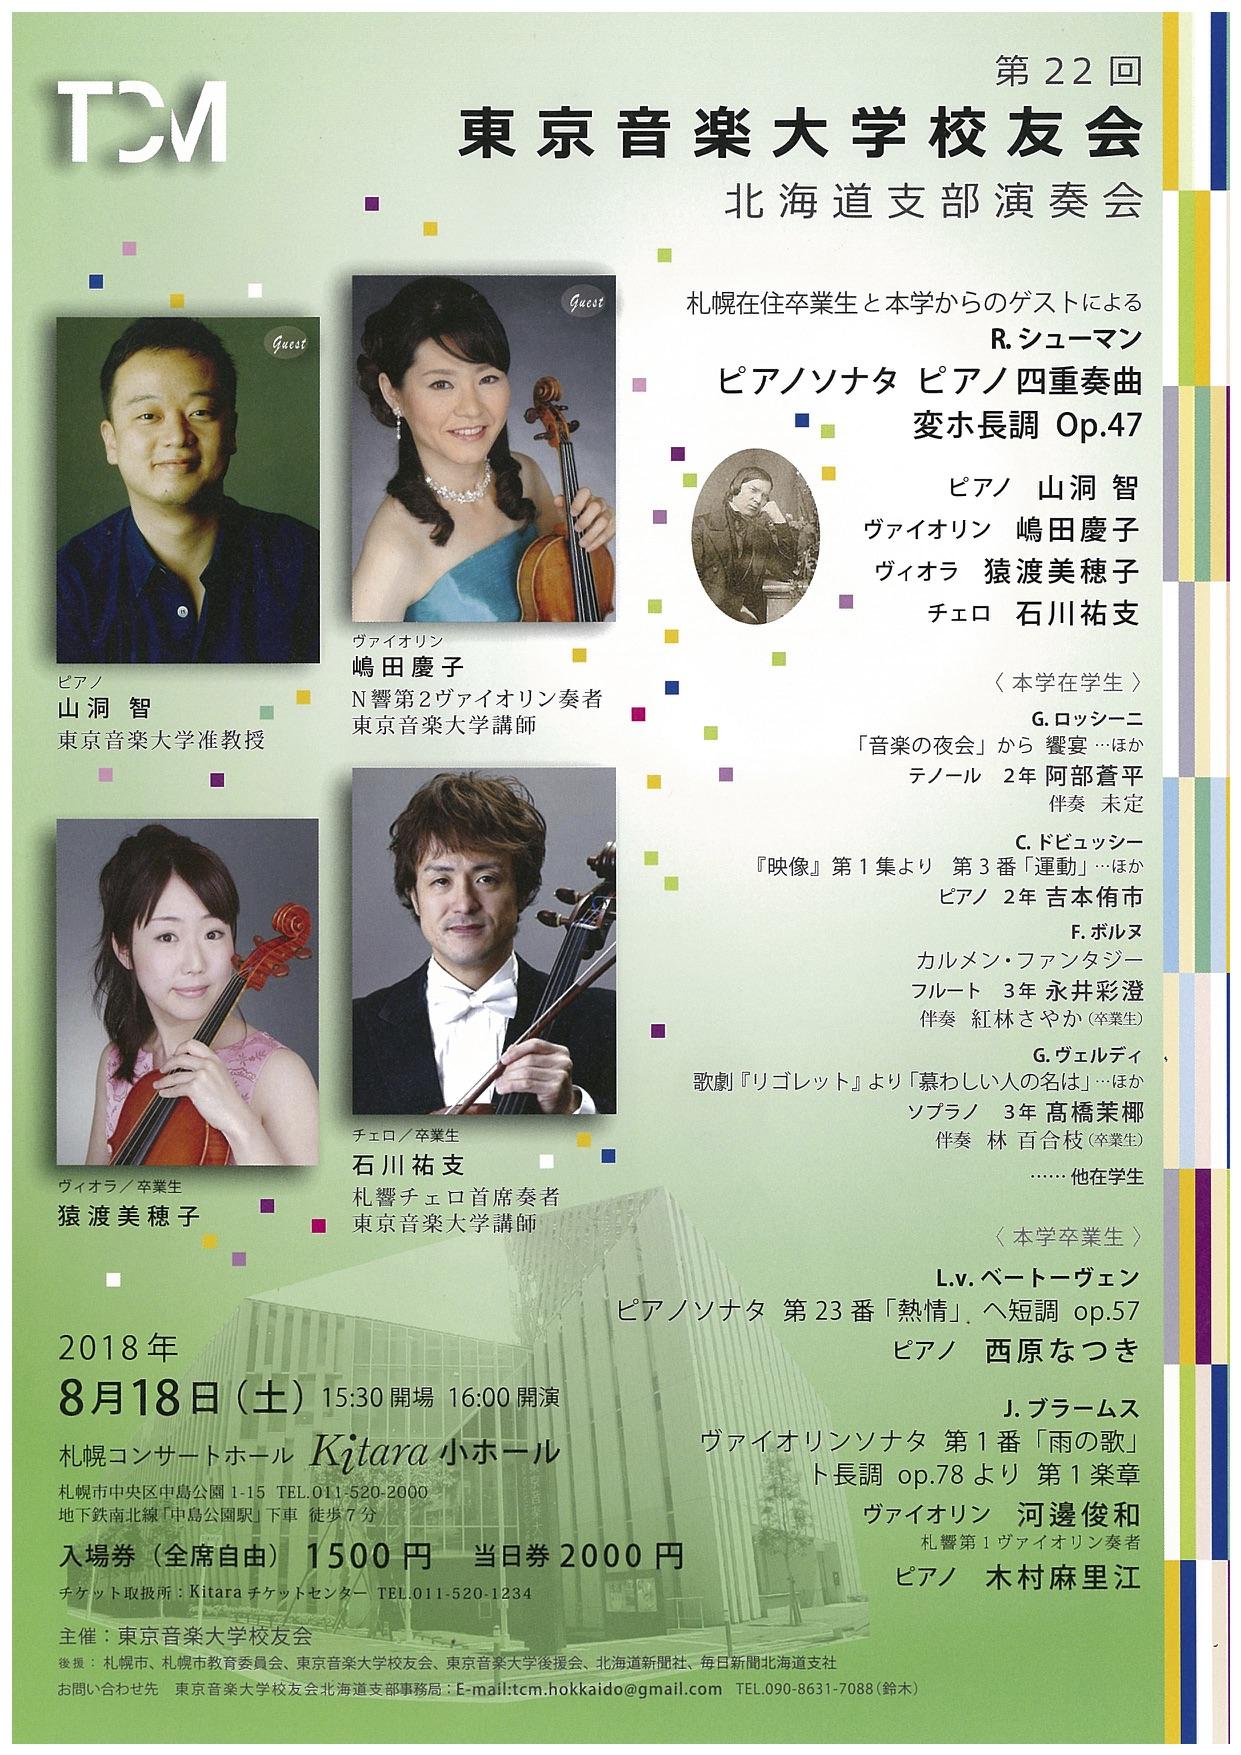 第22回 東京音楽大学校友会 北海道支部演奏会